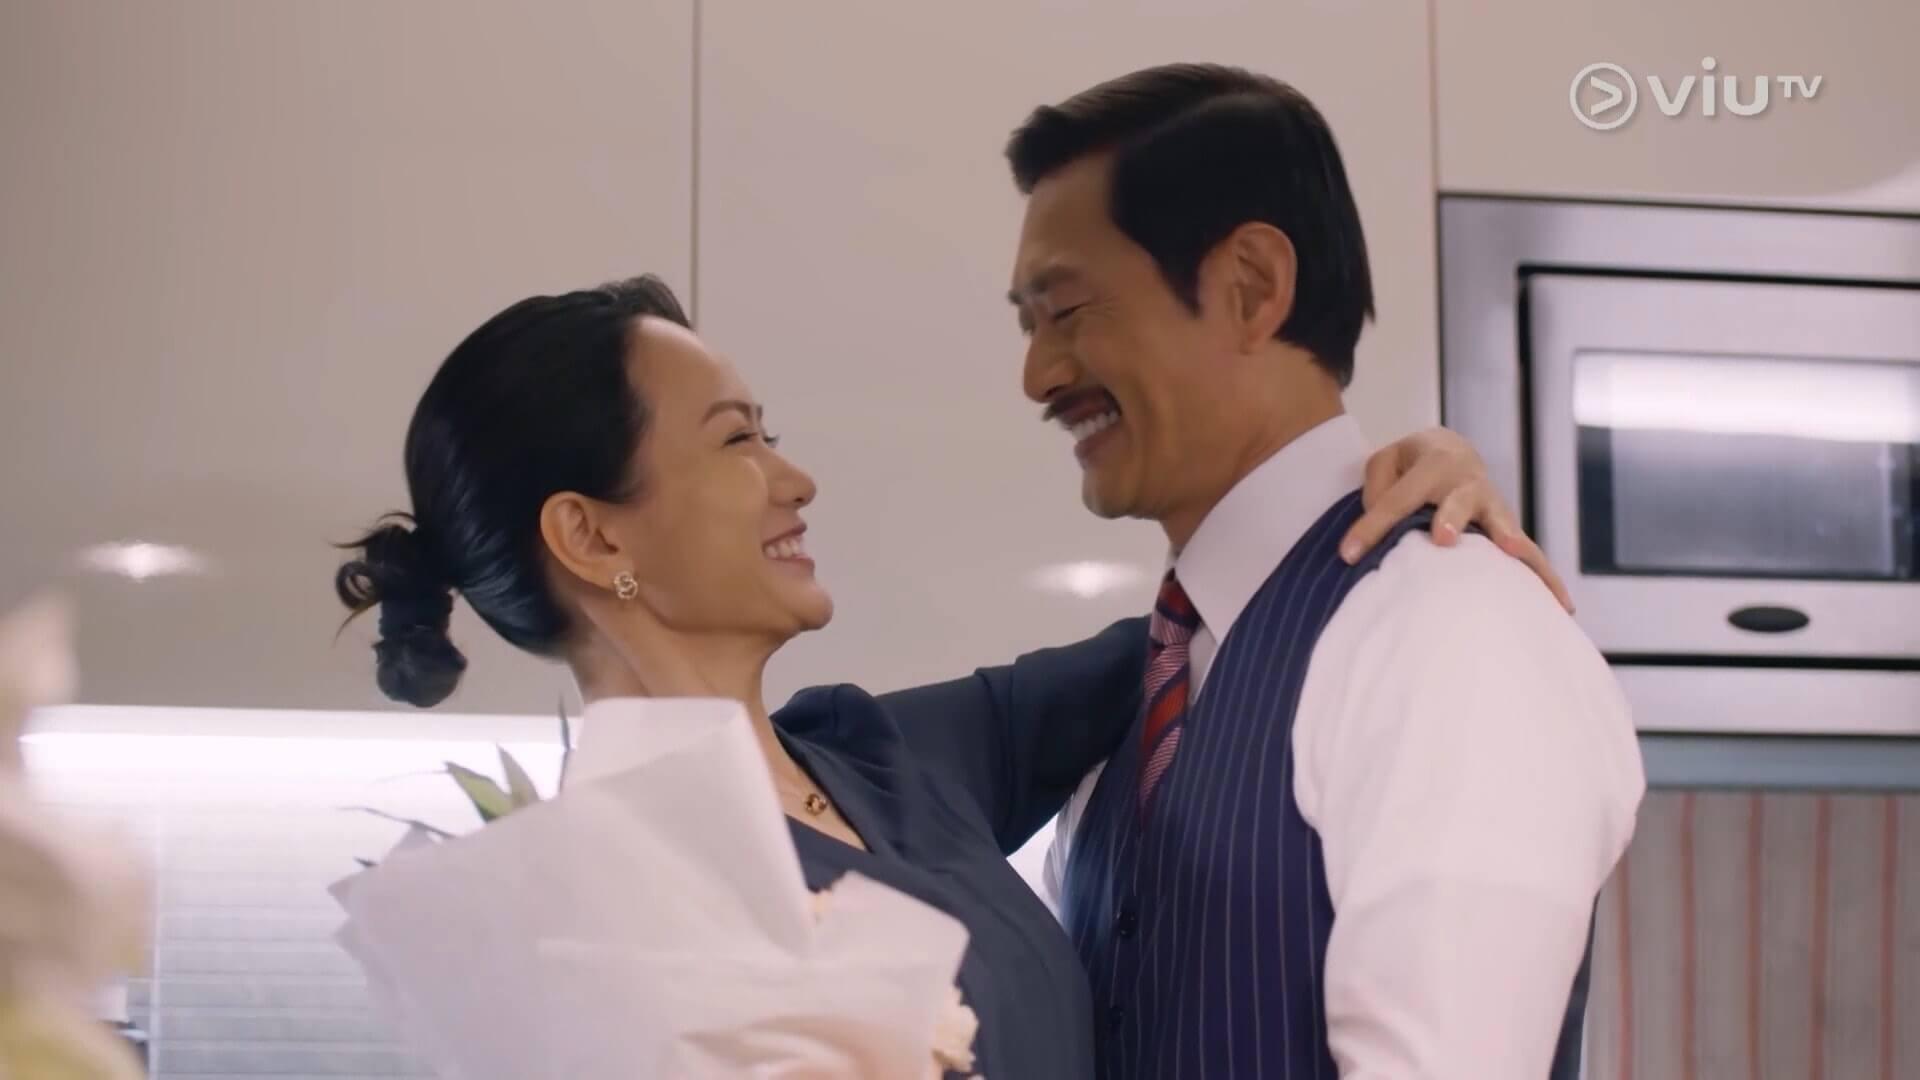 黃德斌與簡慕華結婚20年